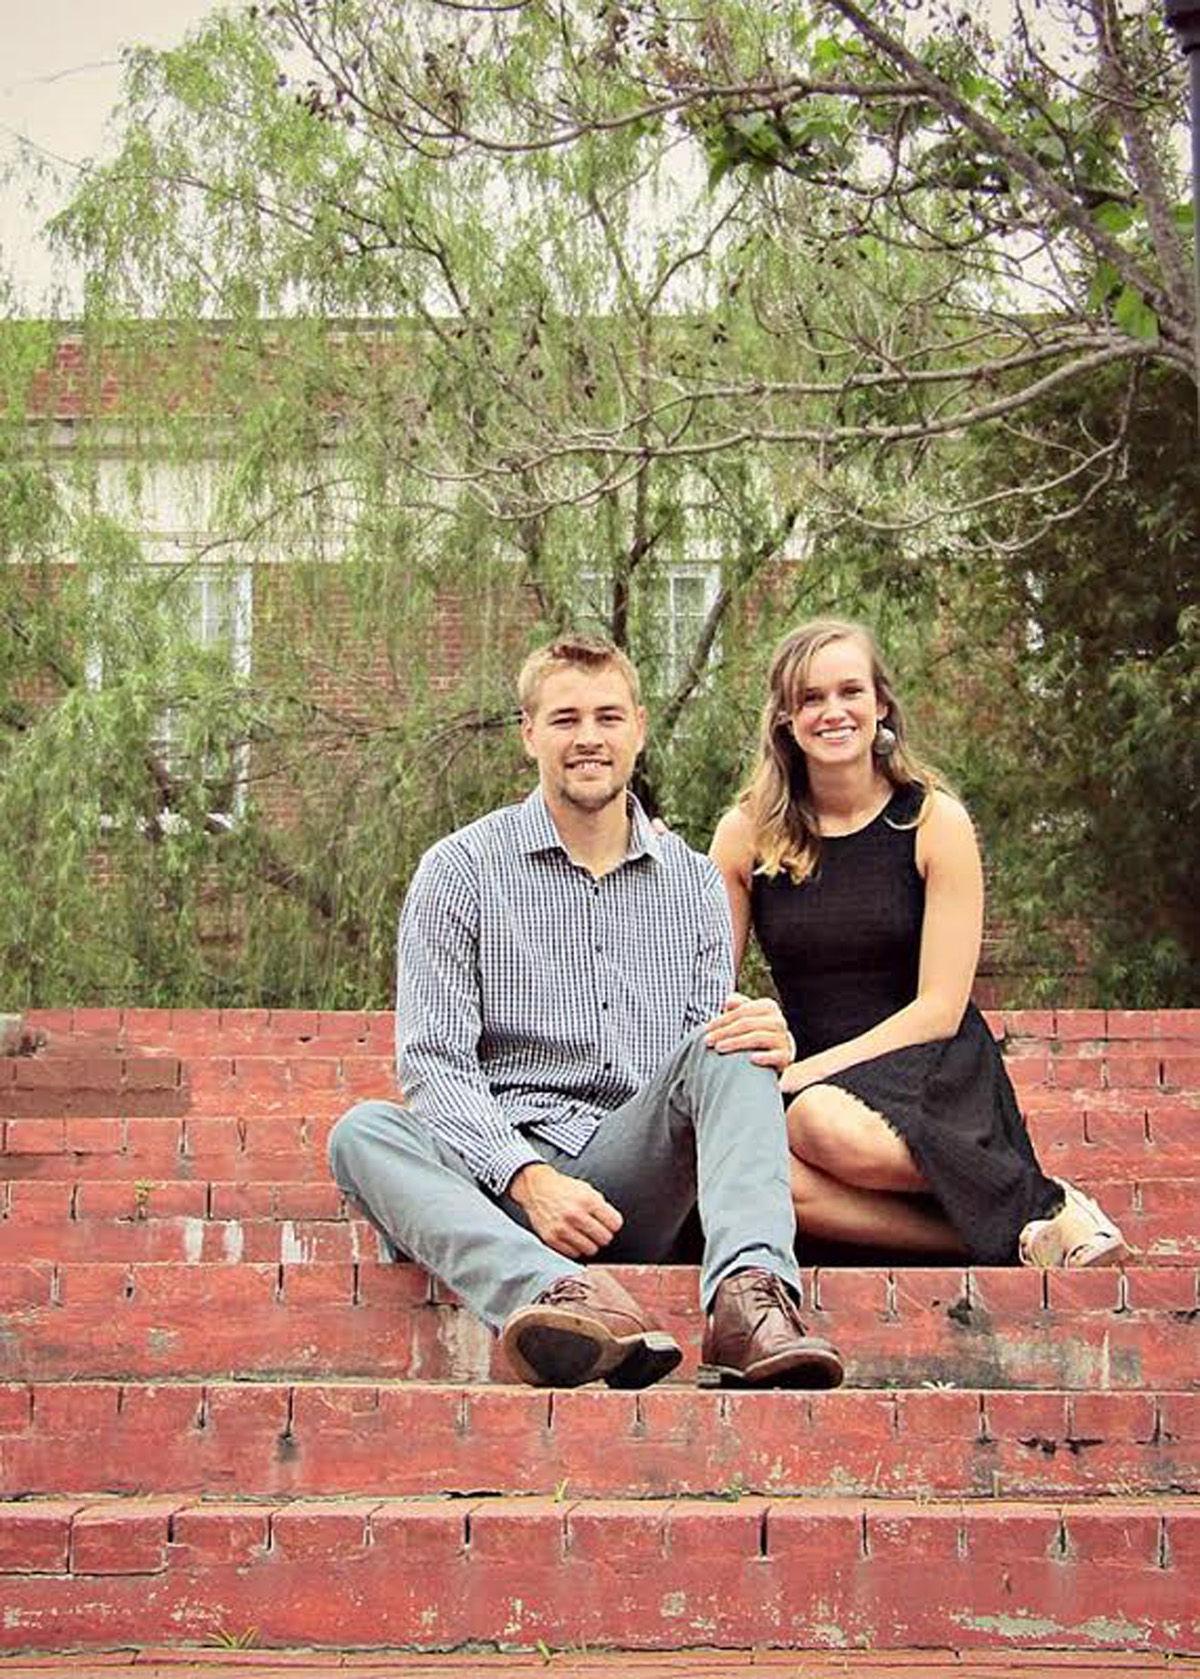 Maggie Lambert and Zachary Hale